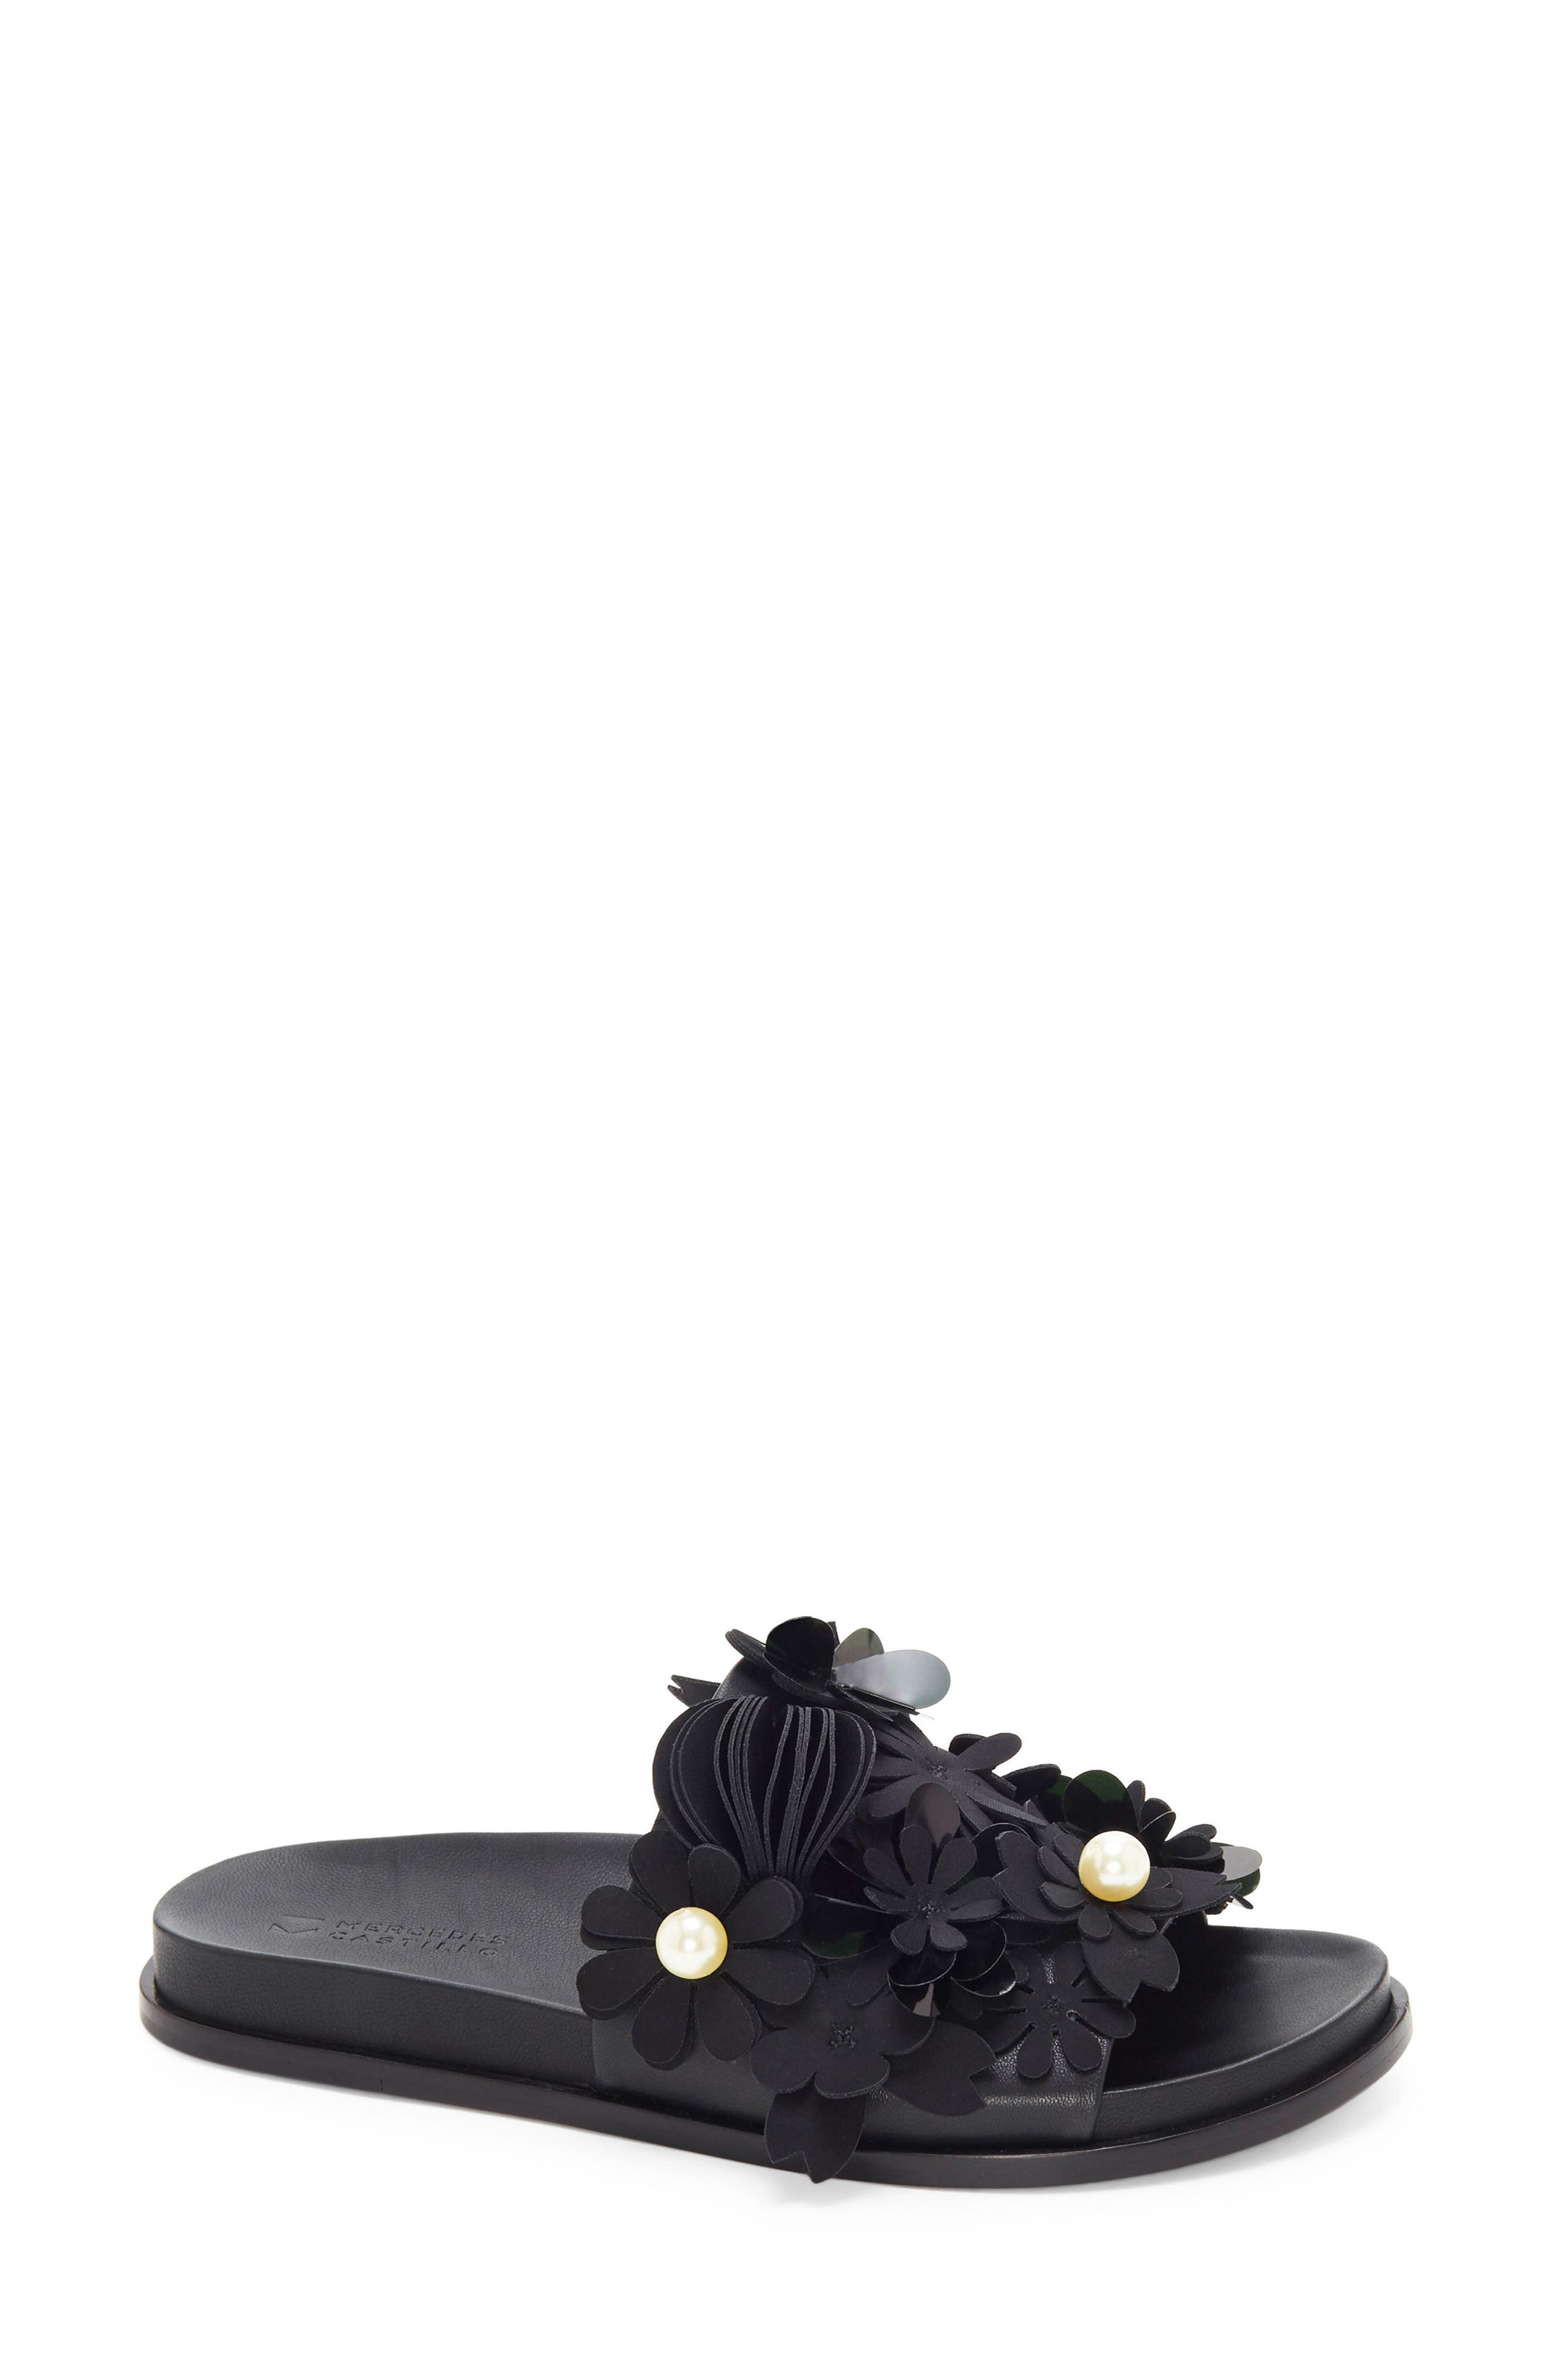 Alyse Flowered Slide Sandal,                             Main thumbnail 1, color,                             Black